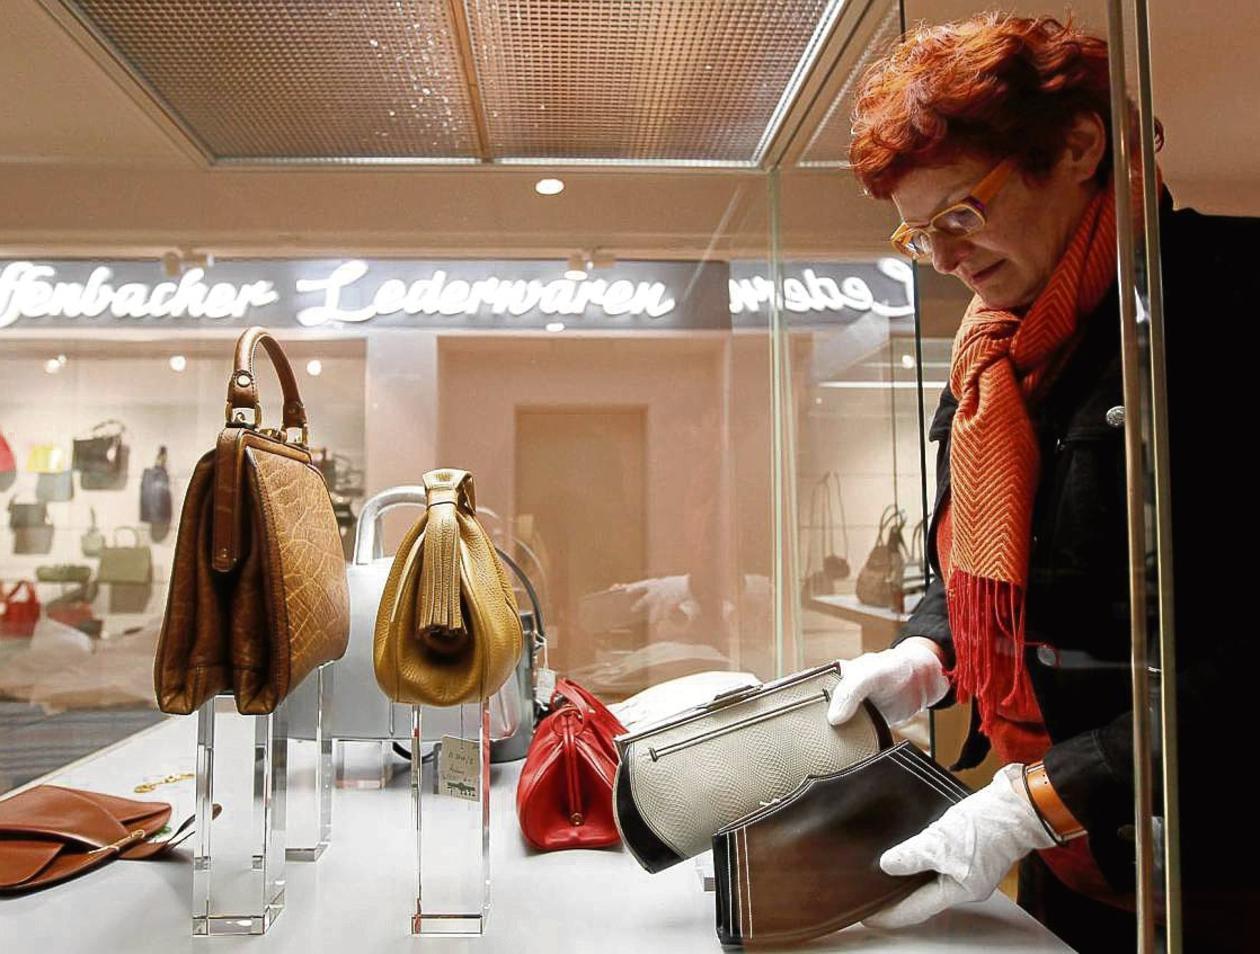 Neuer Offenbach Saal Im Wird Ledermuseum Eröffnet CdexBoWr